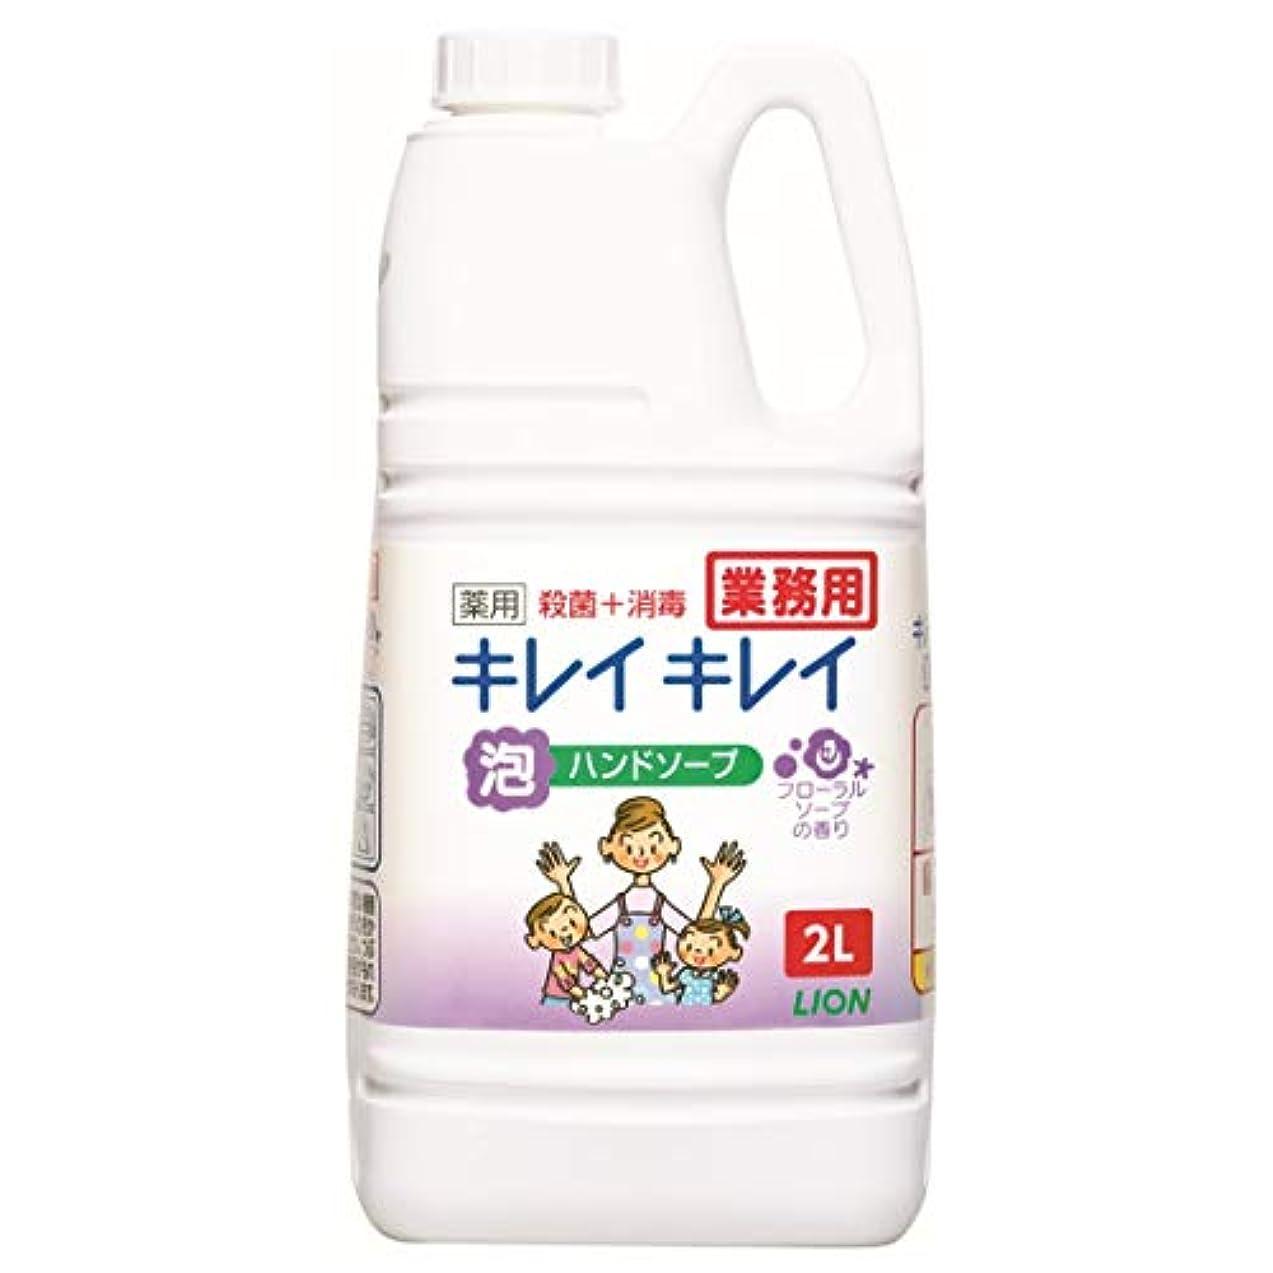 酸化物カーテンパーク【大容量】キレイキレイ 薬用泡ハンドソープ フローラルソープの香り 2L